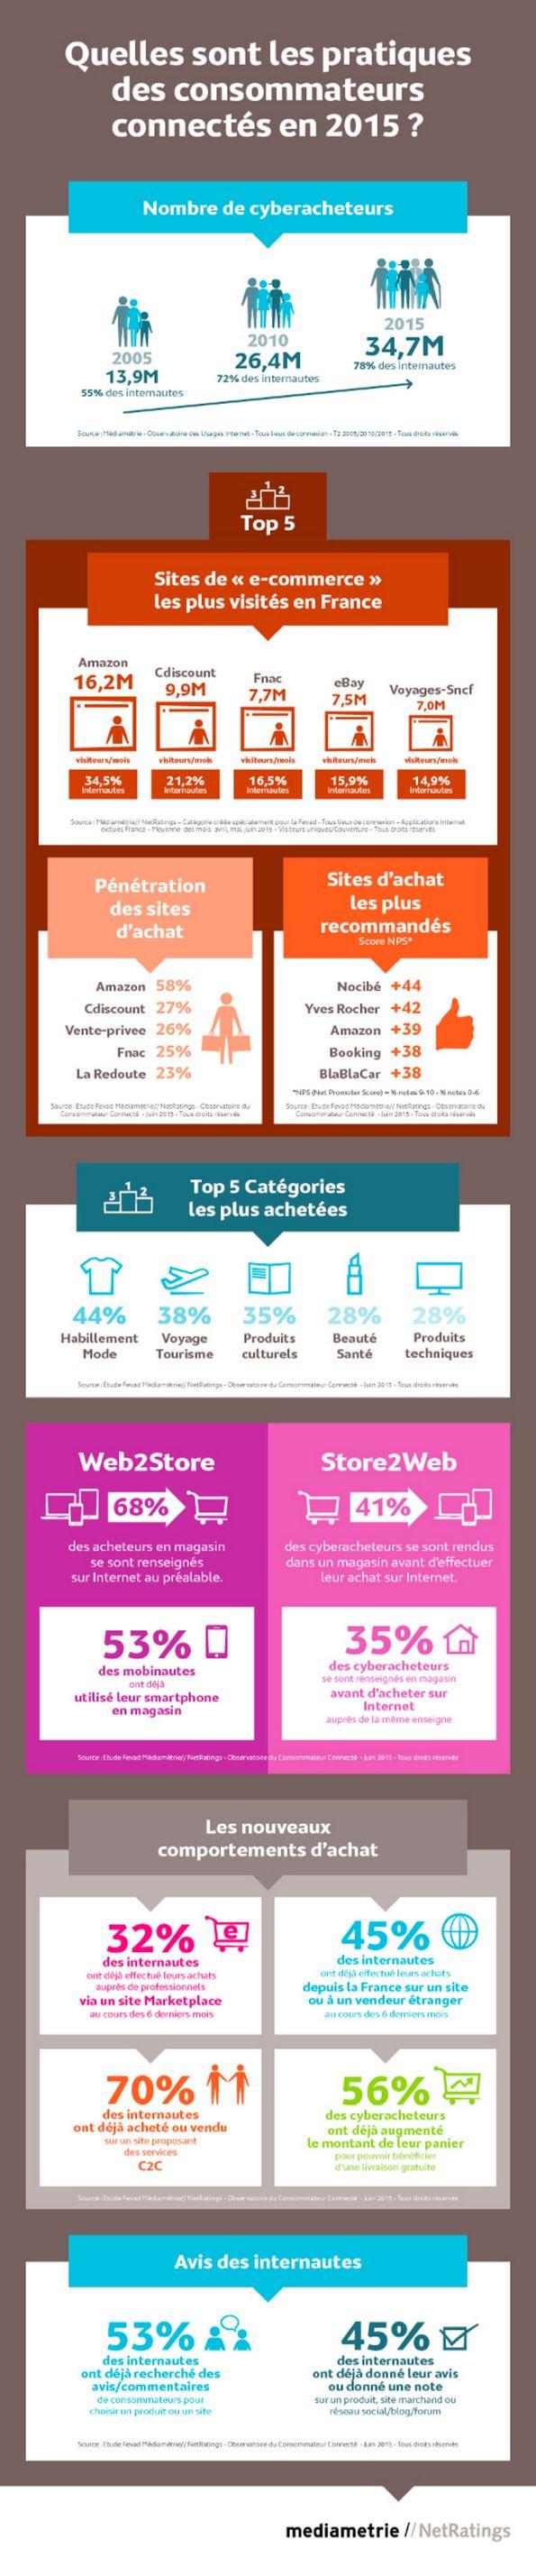 Infographie : les nouvelles pratiques des consommateurs connectés en 2015 par Mediametrie//Netratings et la Fevad